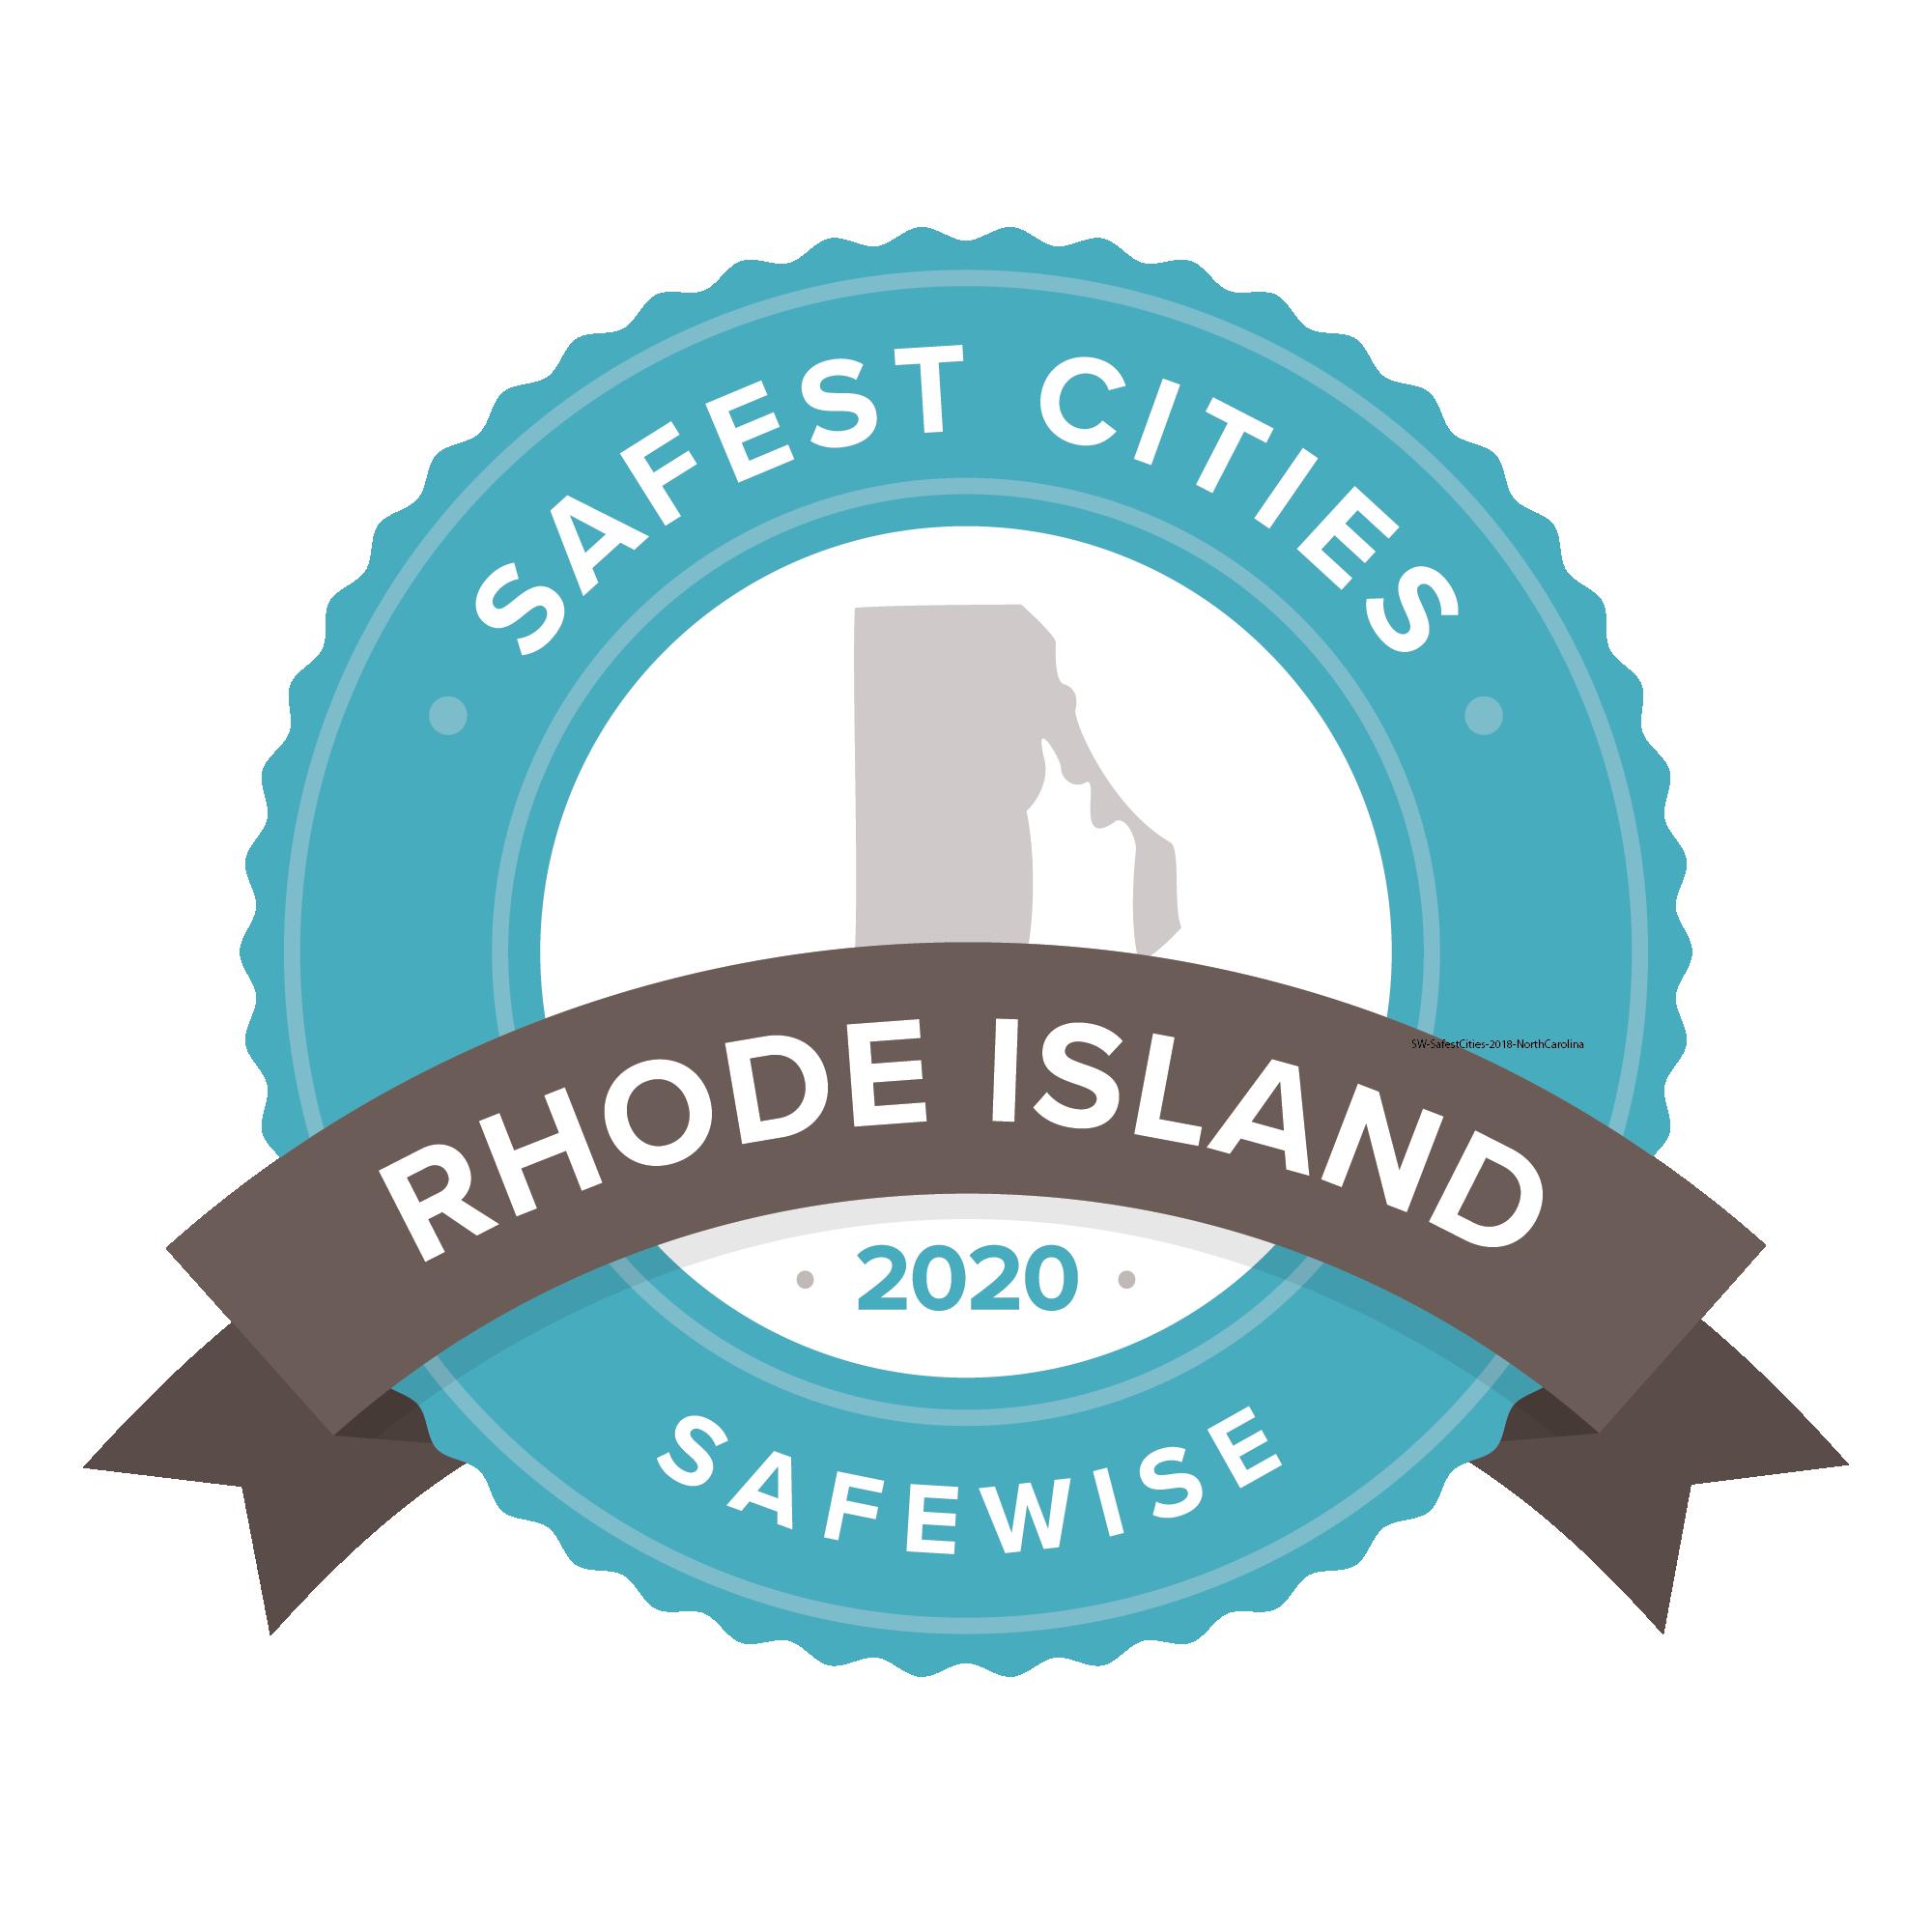 Safest Cities Rhode Island badge